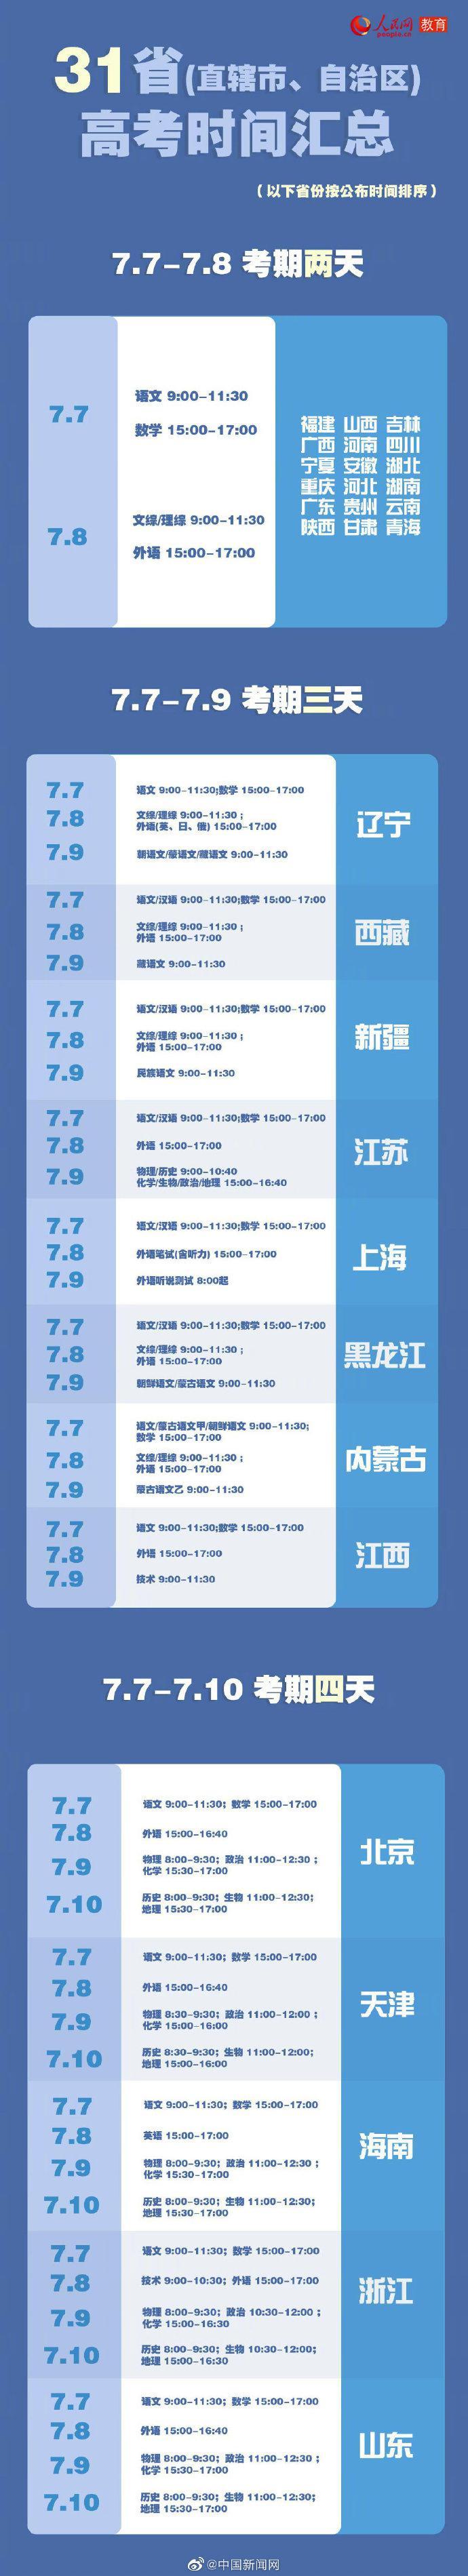 「杏悦平台」1省区市高杏悦平台考时间图片